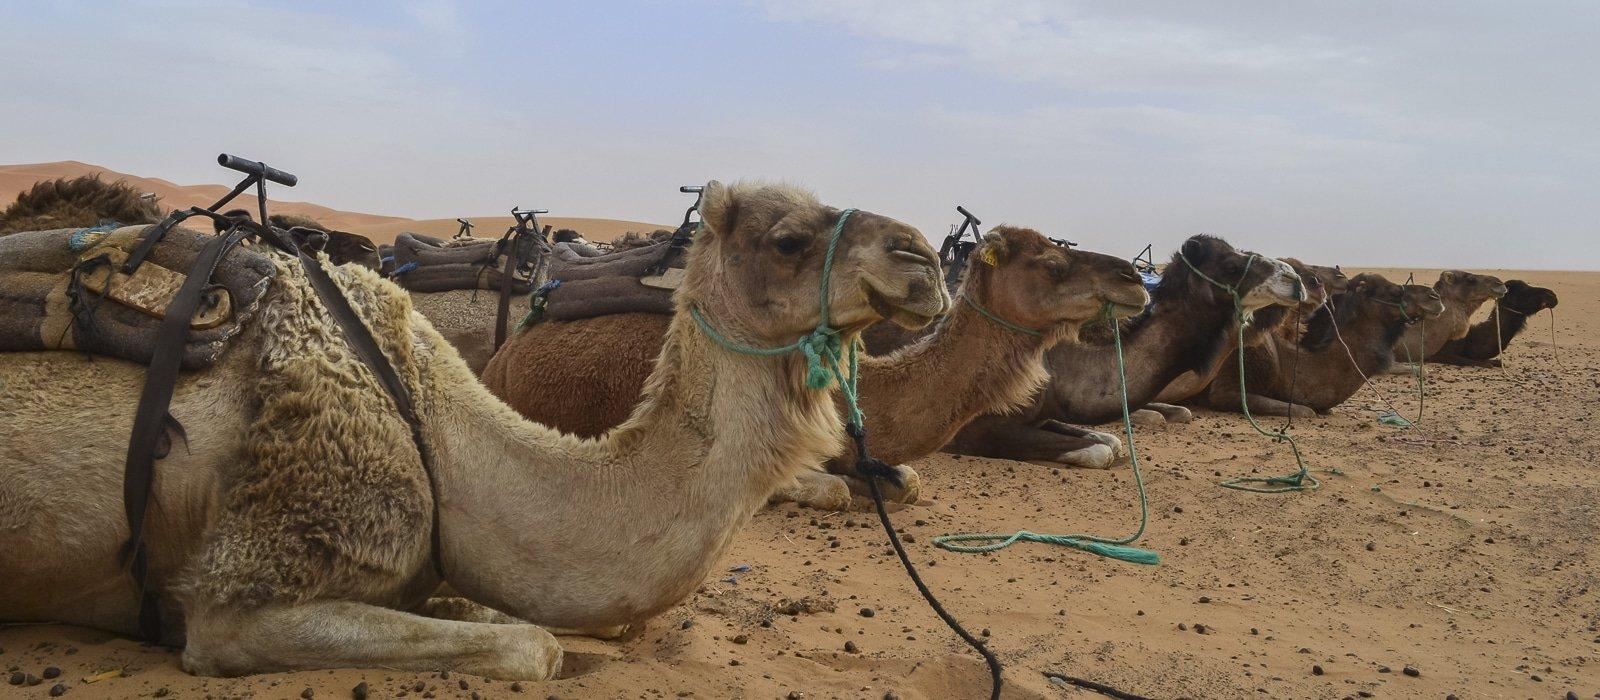 Chameaux dans le désert de Merzouga au Maroc - Les Routes du Monde